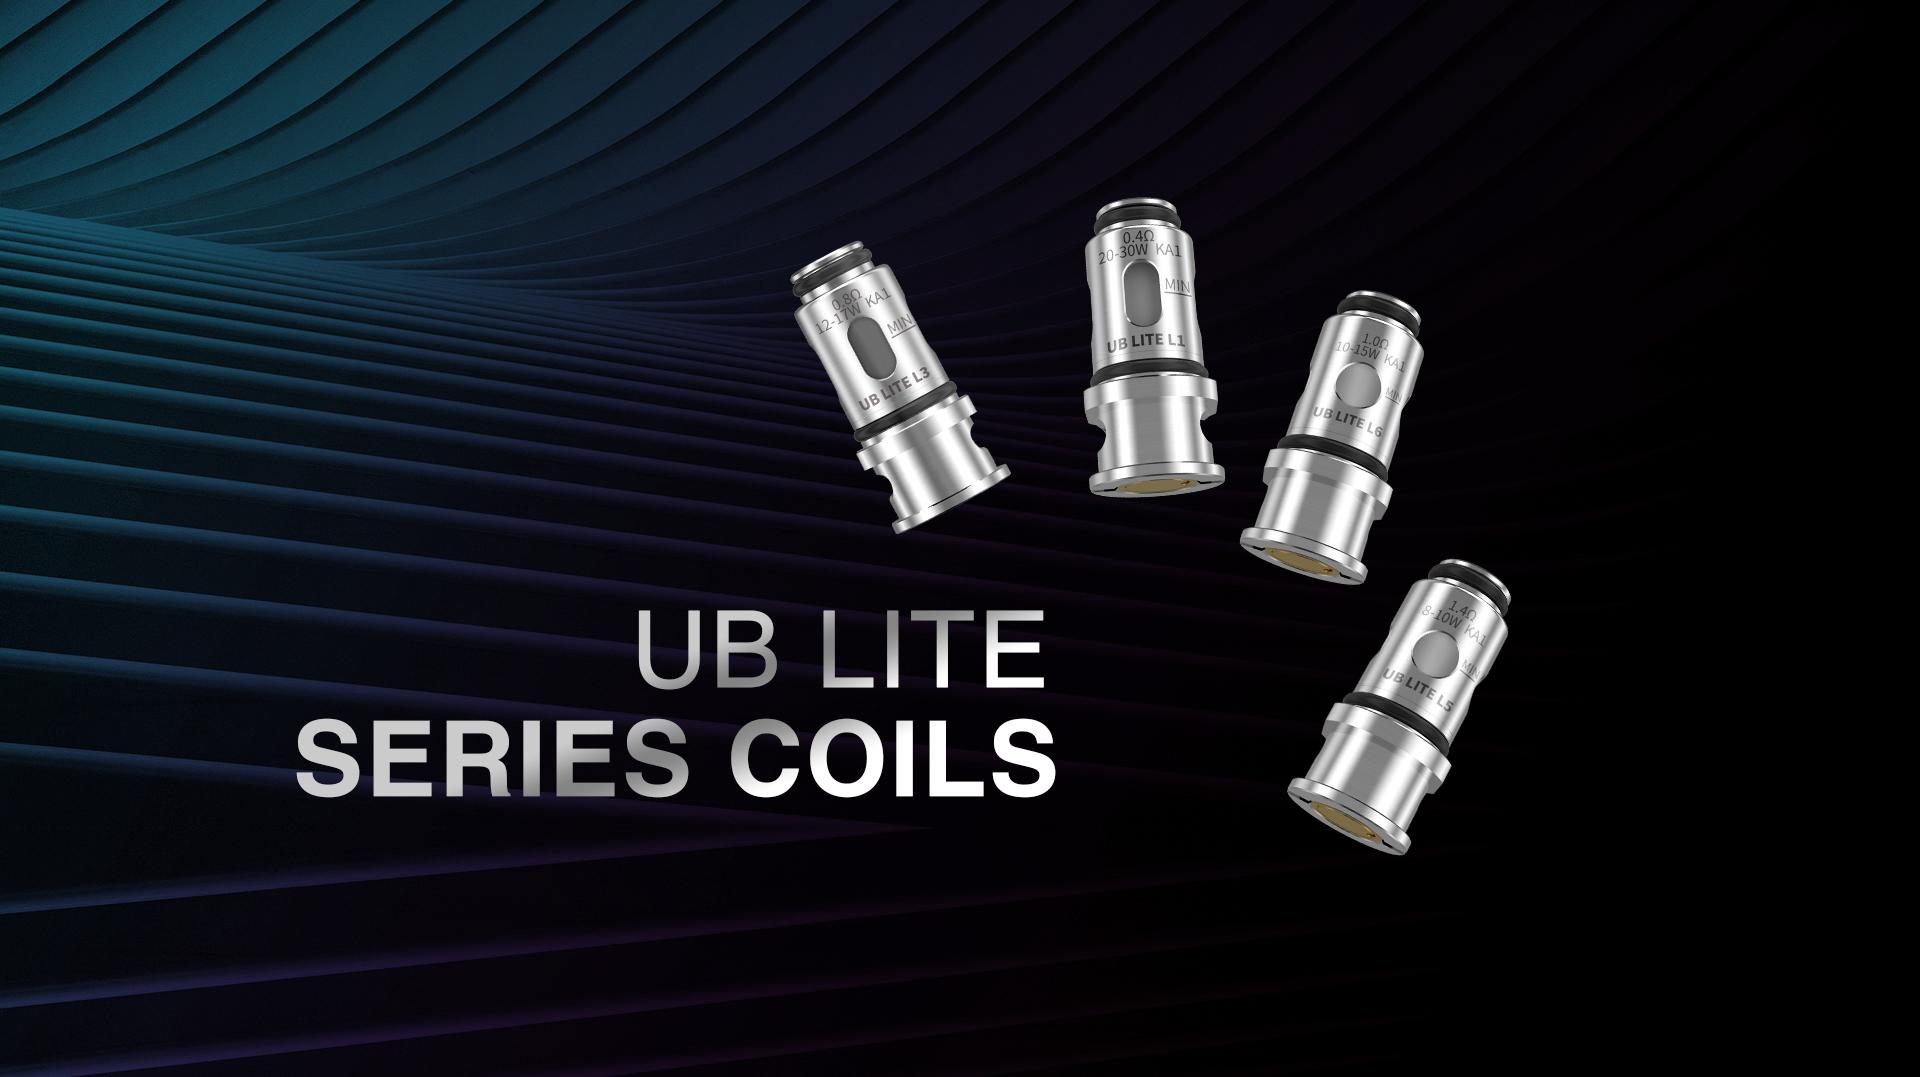 Résistances UB Lite L1/L3/L5/L6 - Lost Vape1